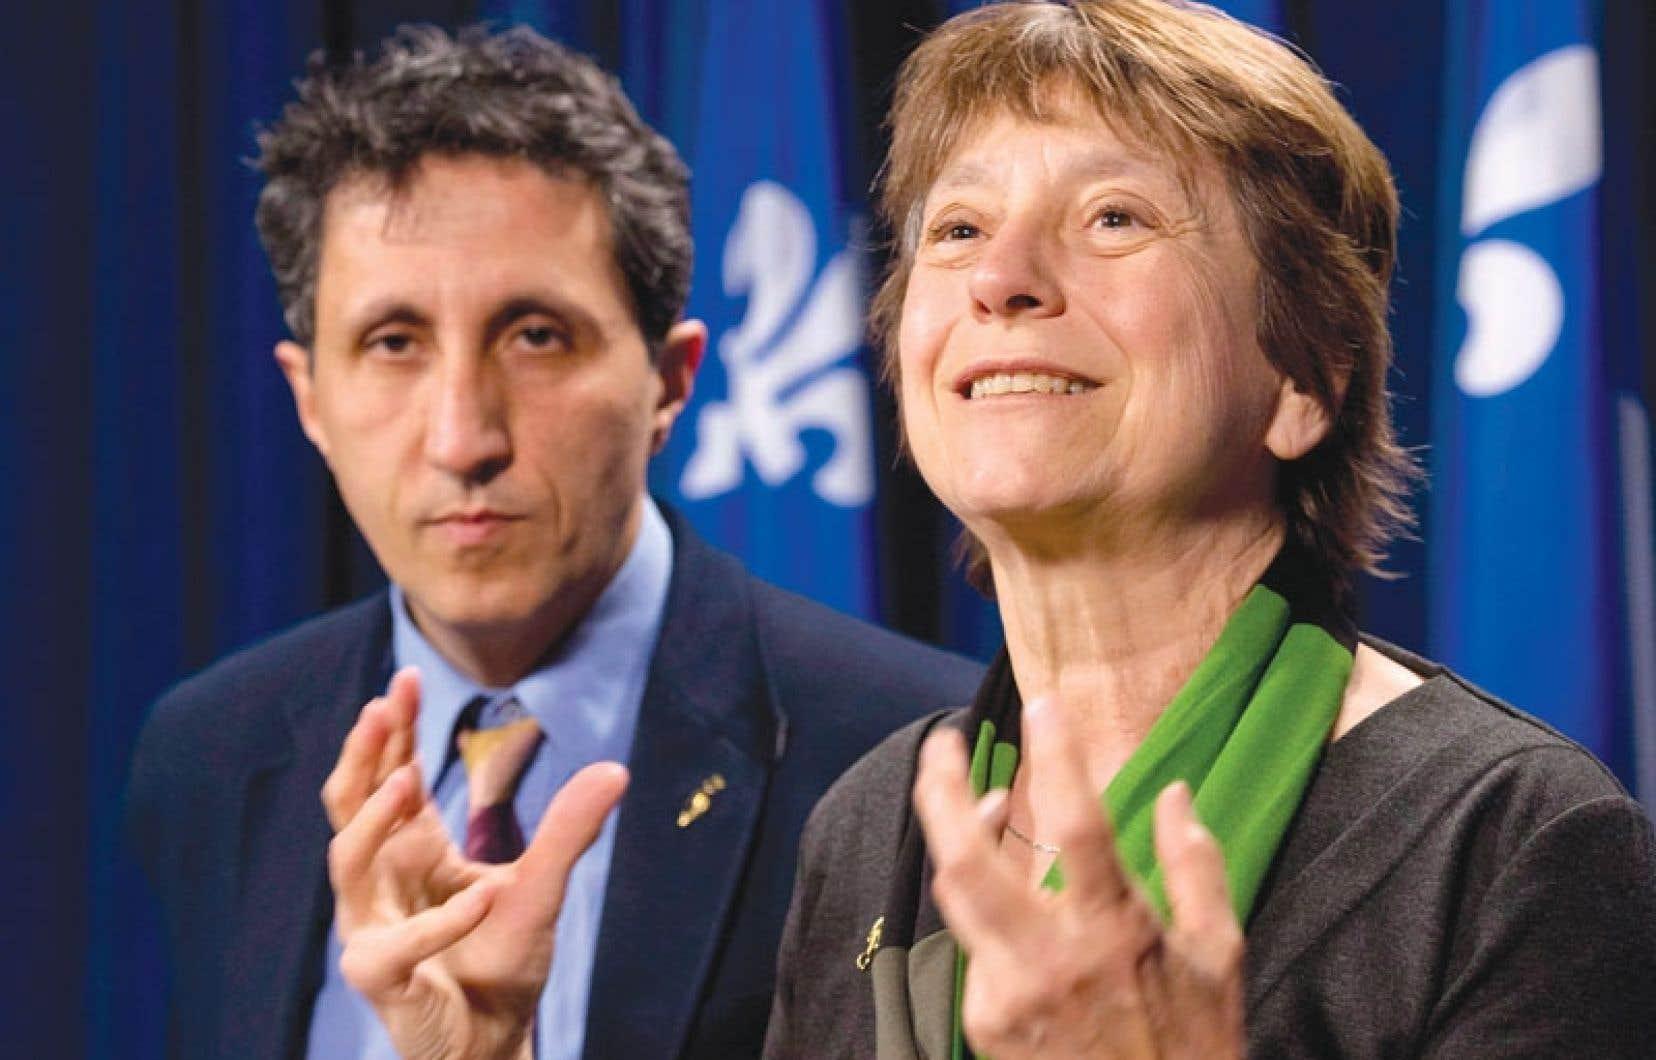 Françoise David et Amir Khadir jugent que le PQ emprunte des tactiques de l'extrême droite européenne en misant sur la division.